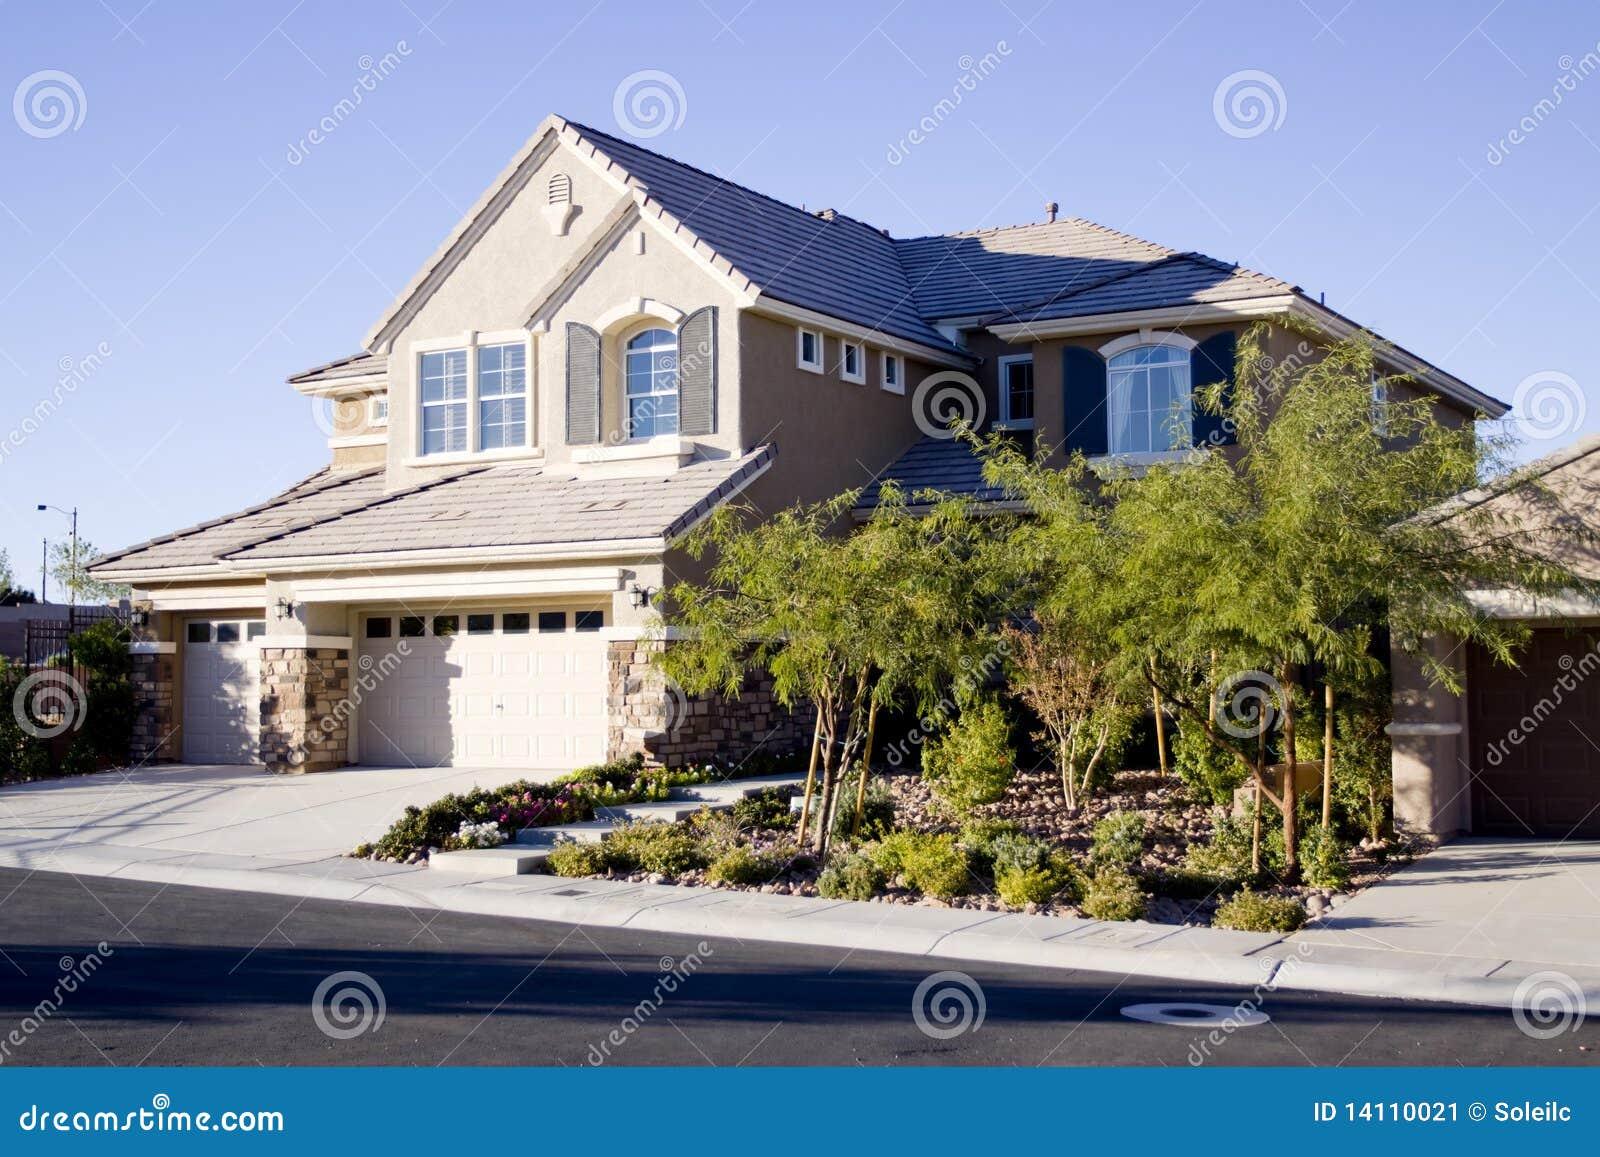 Southwestern House Stock Image Image 14110021